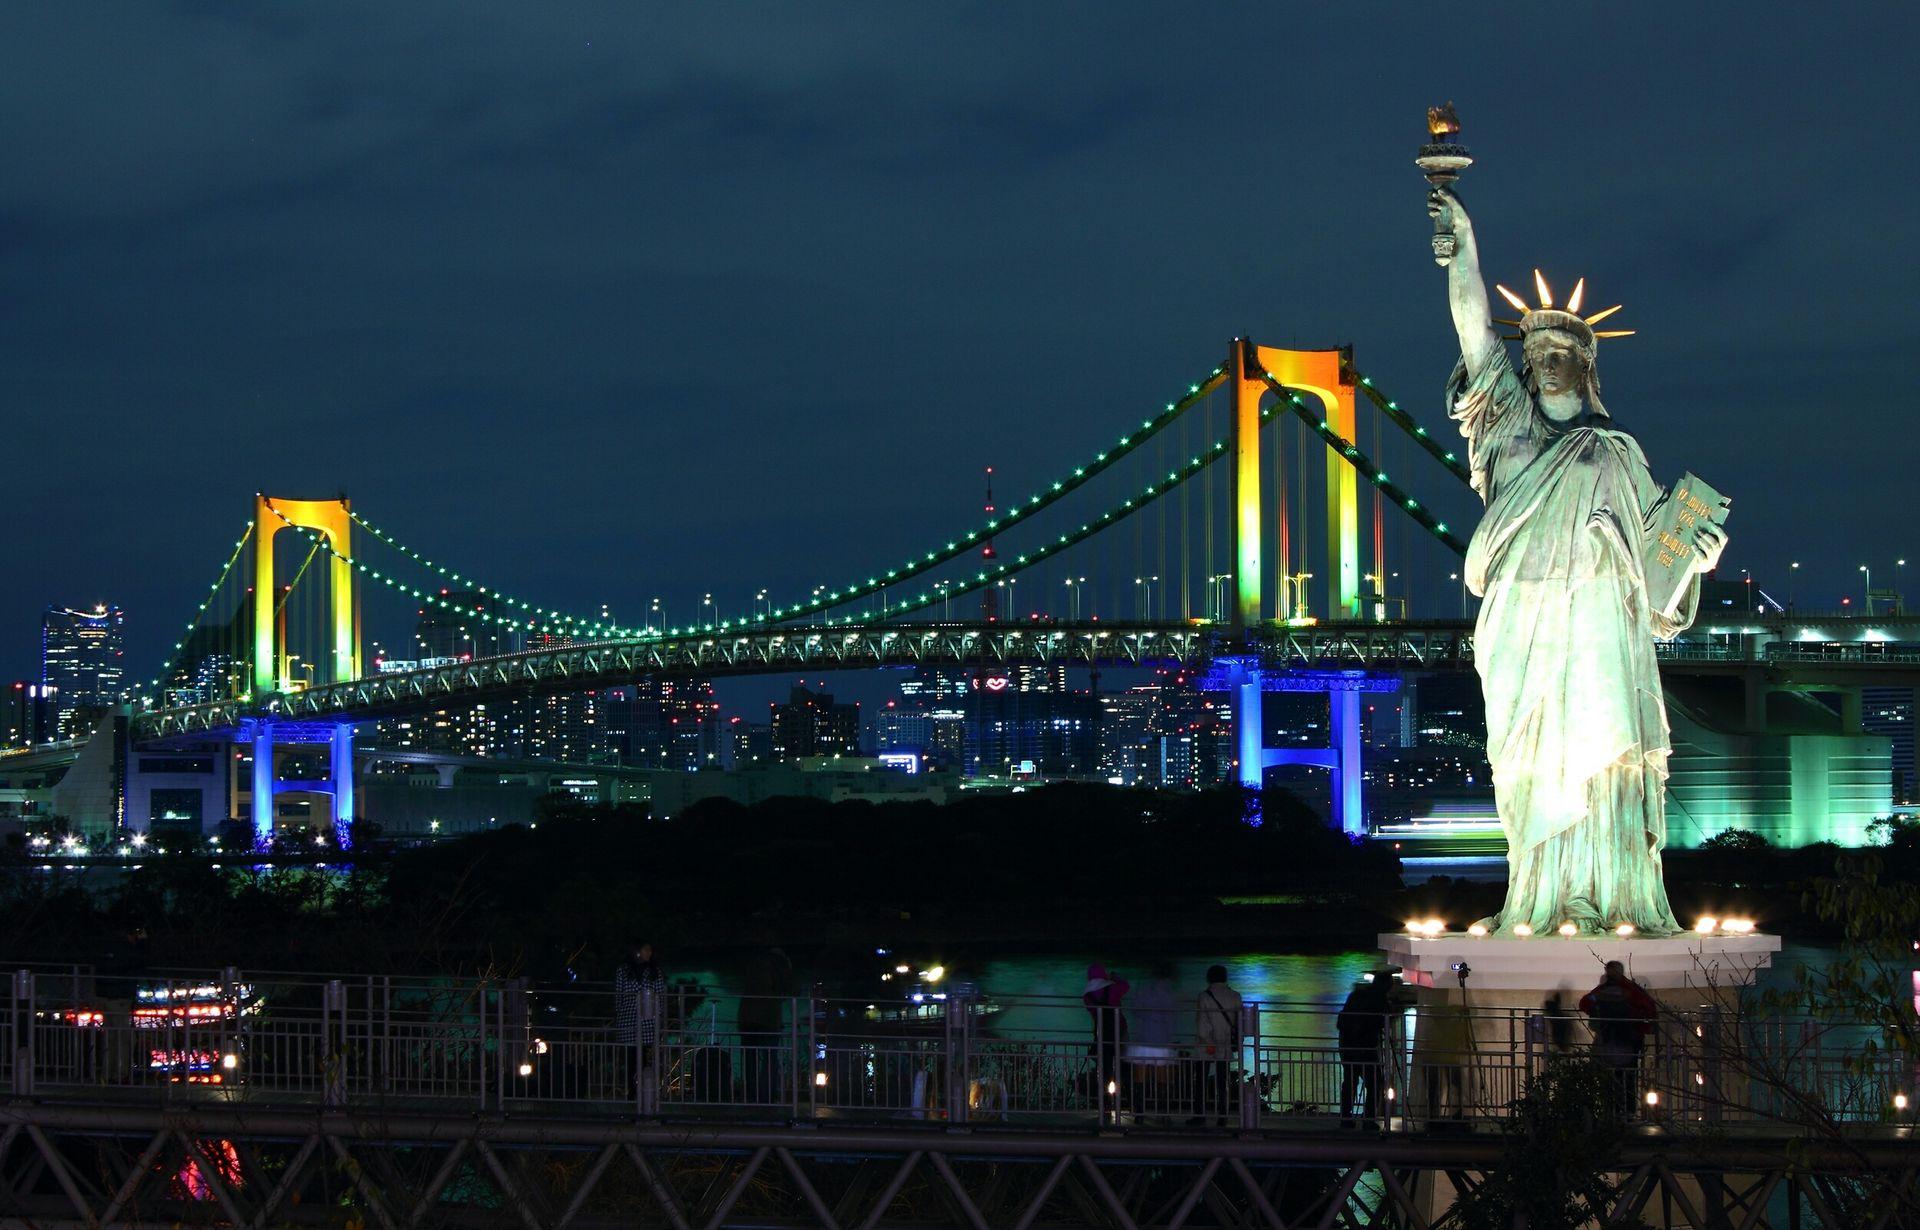 Hình ảnh tượng nữ thần tự do về đêm cực đẹp